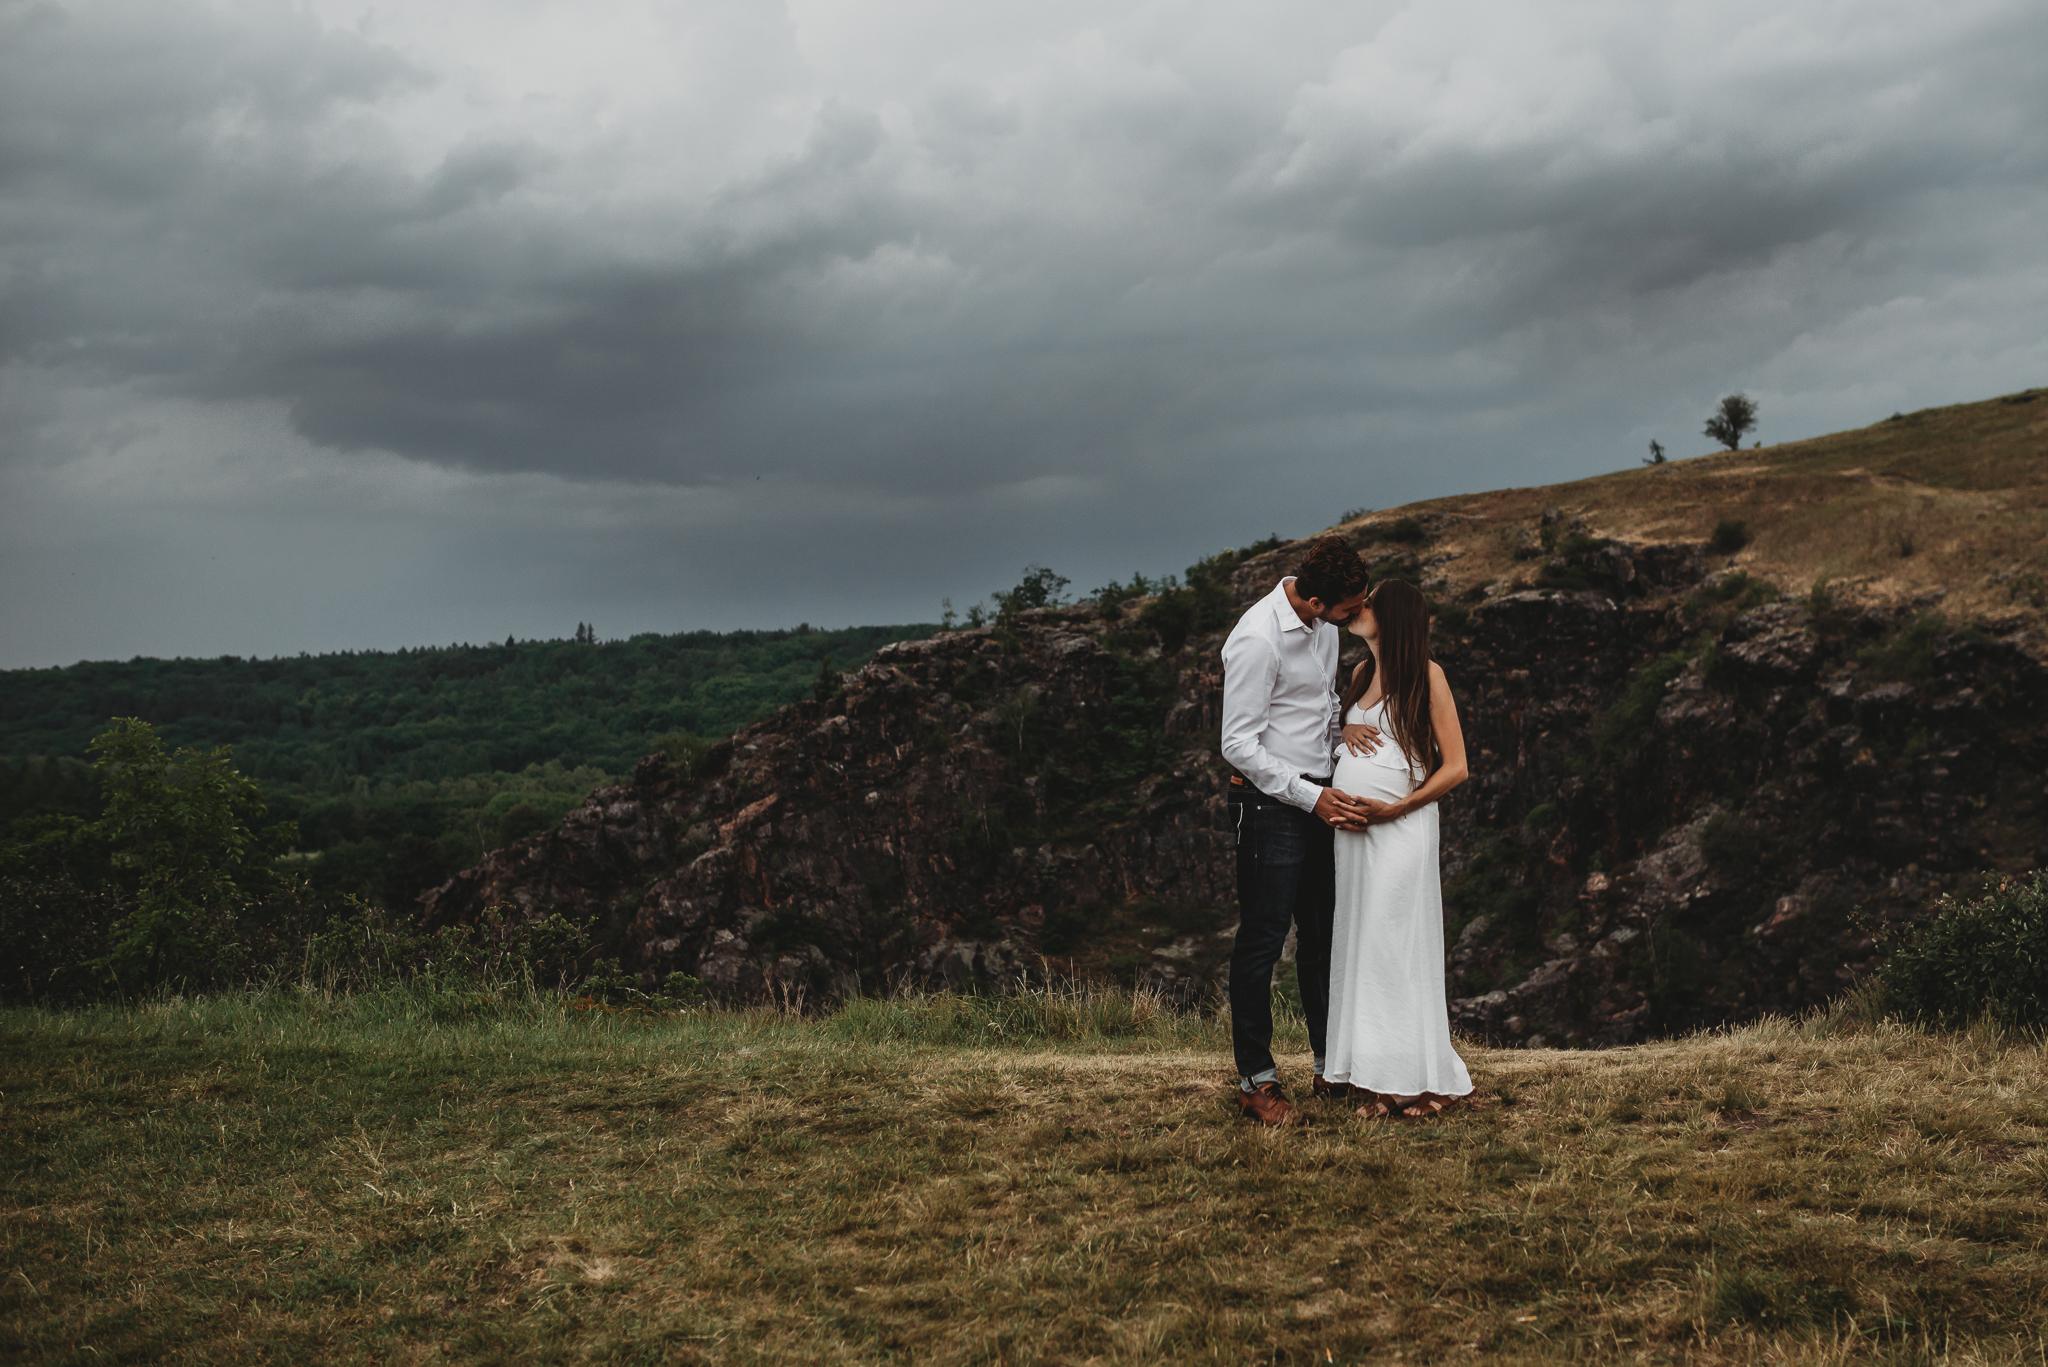 Rodinný fotograf PRaha/divoká Šárka  Těhotenské focení po bouřce